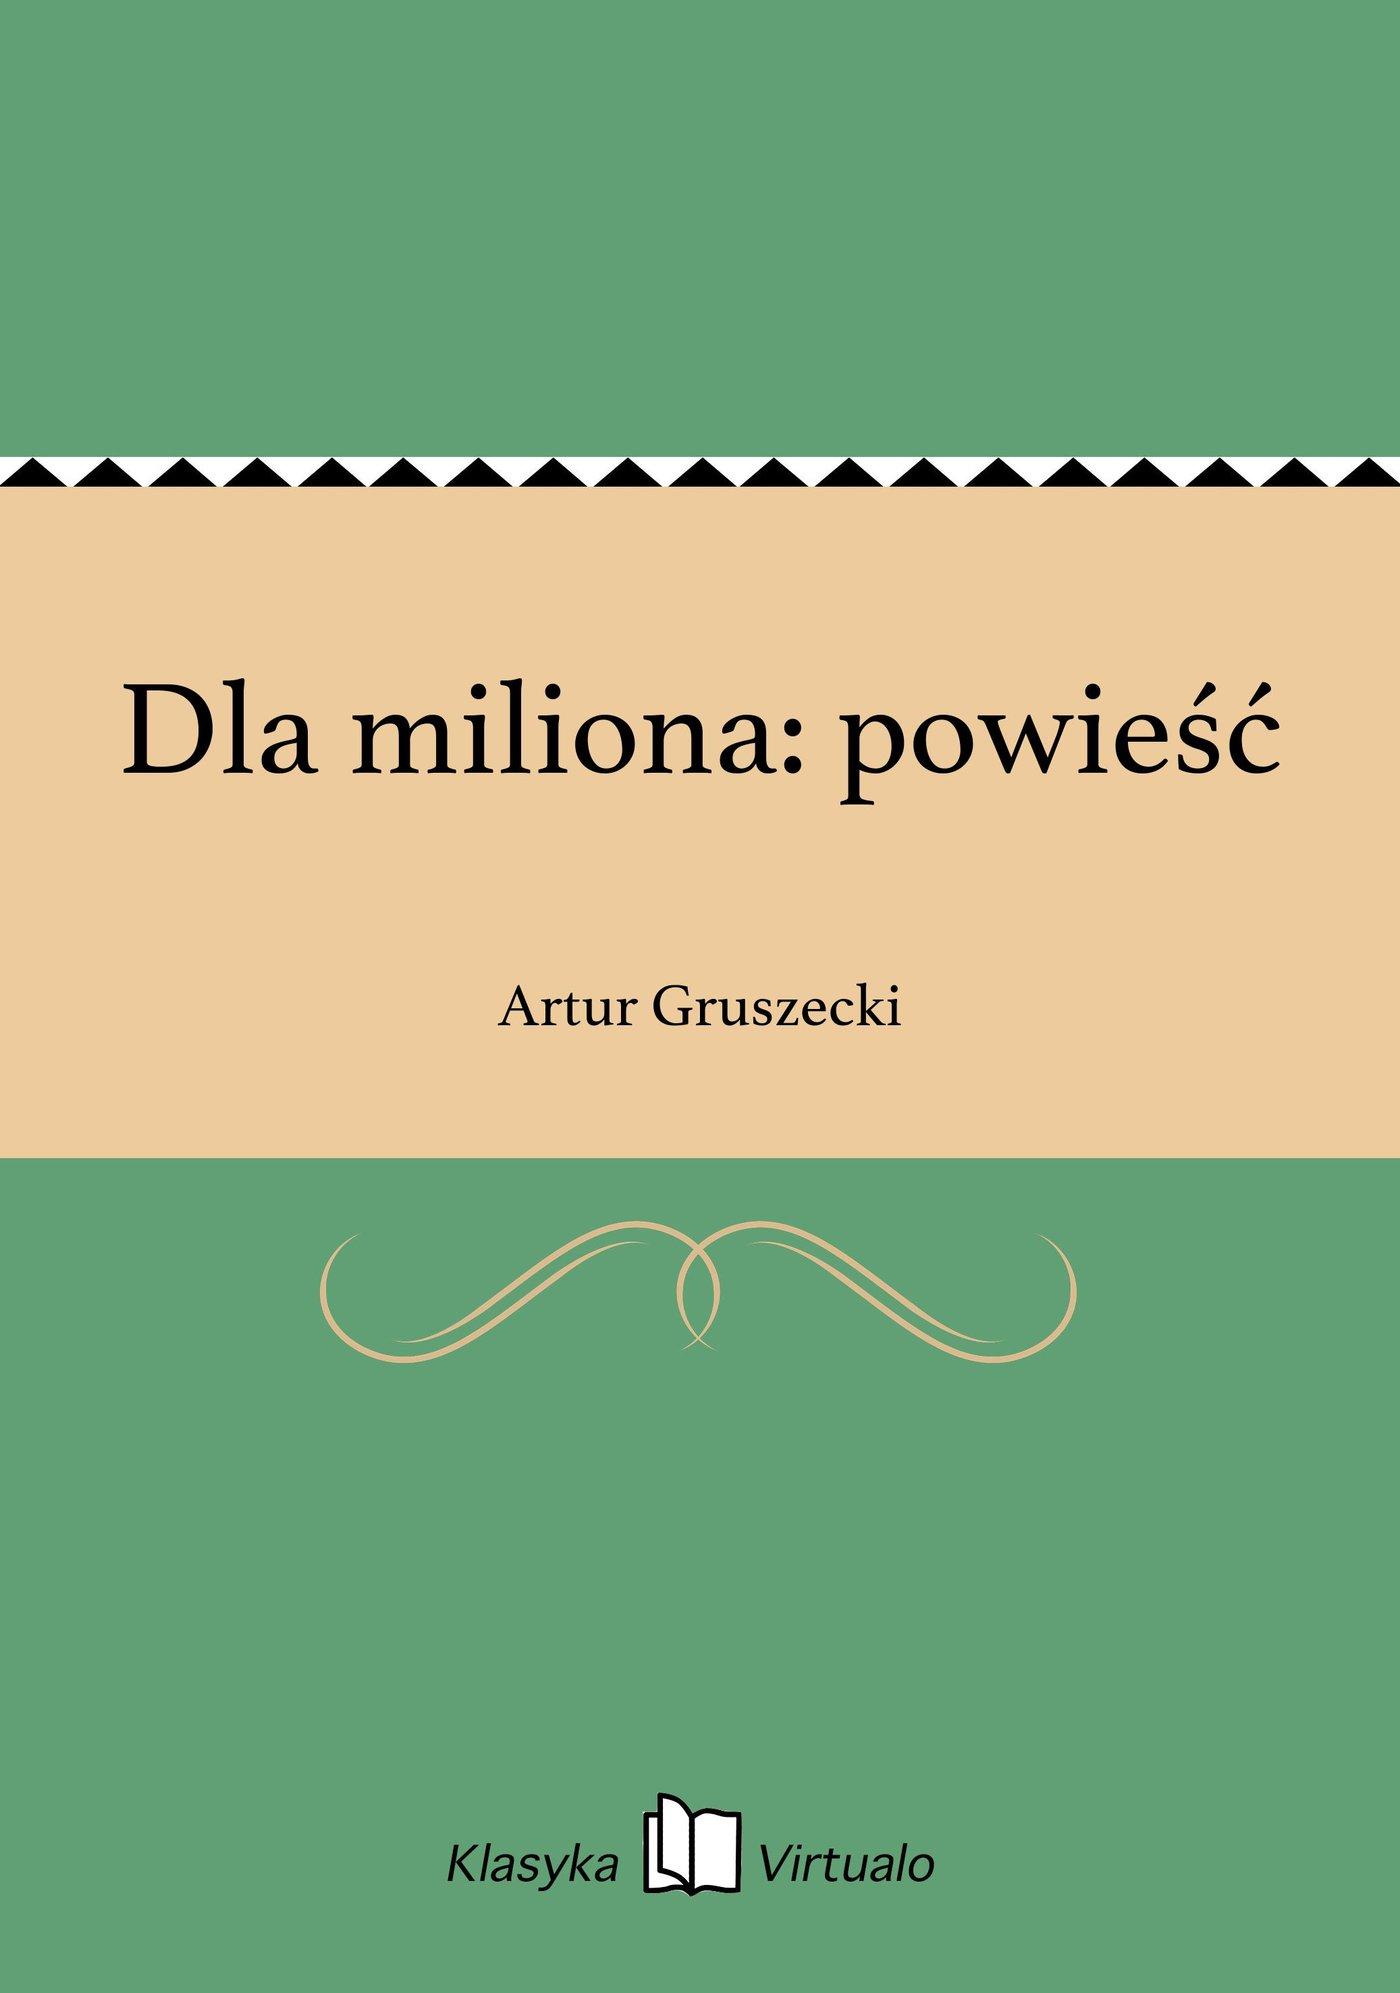 Dla miliona: powieść - Ebook (Książka EPUB) do pobrania w formacie EPUB